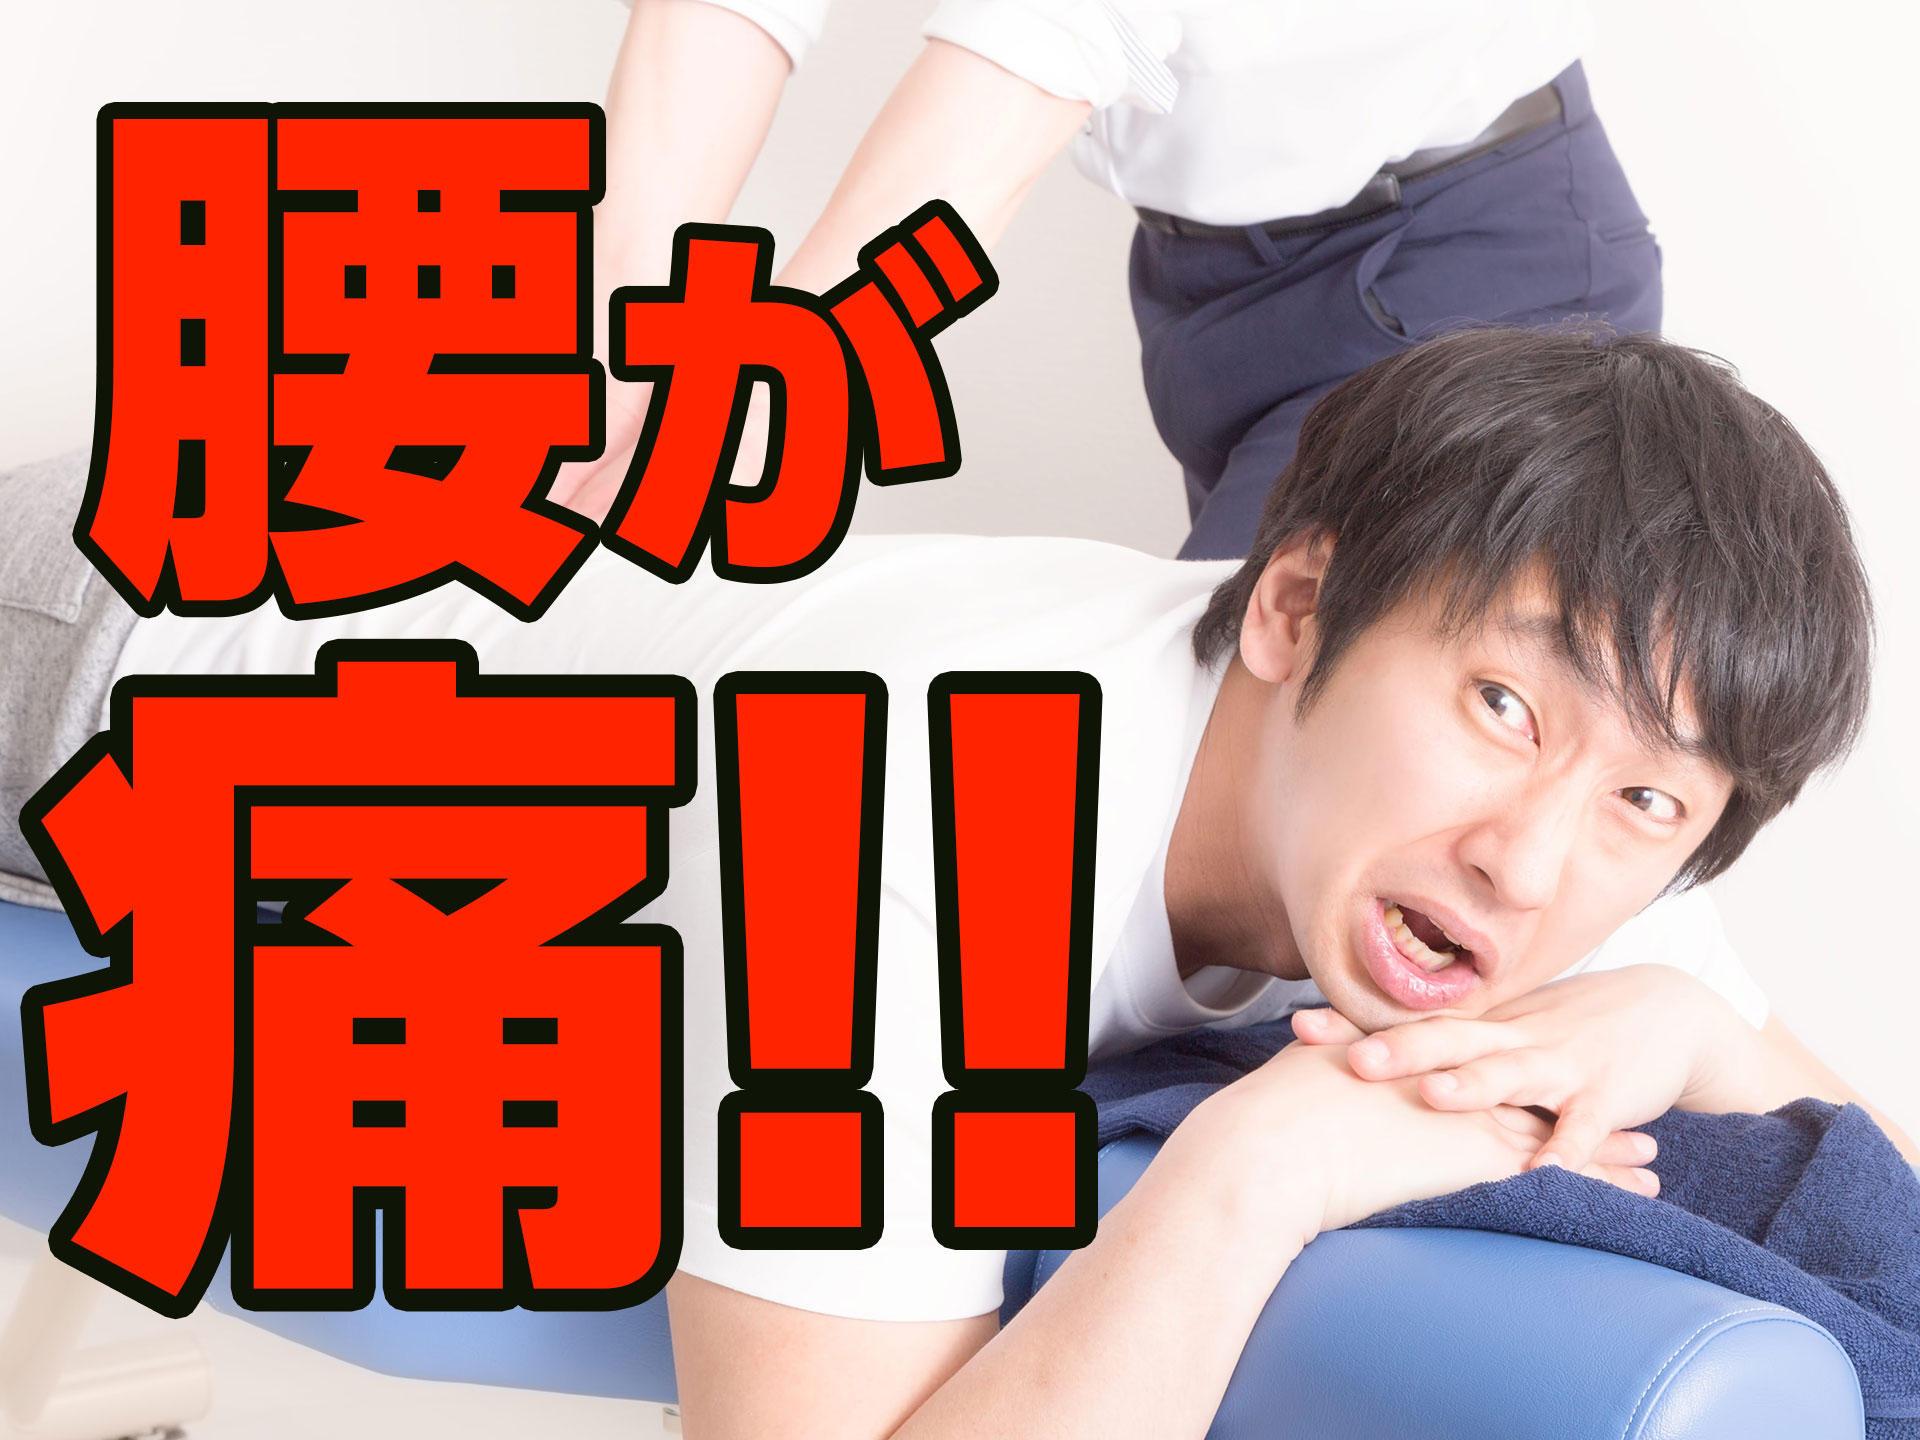 腰痛を改善!辛い腰の痛みをほぐすマッサージ|町田deマッサージ!